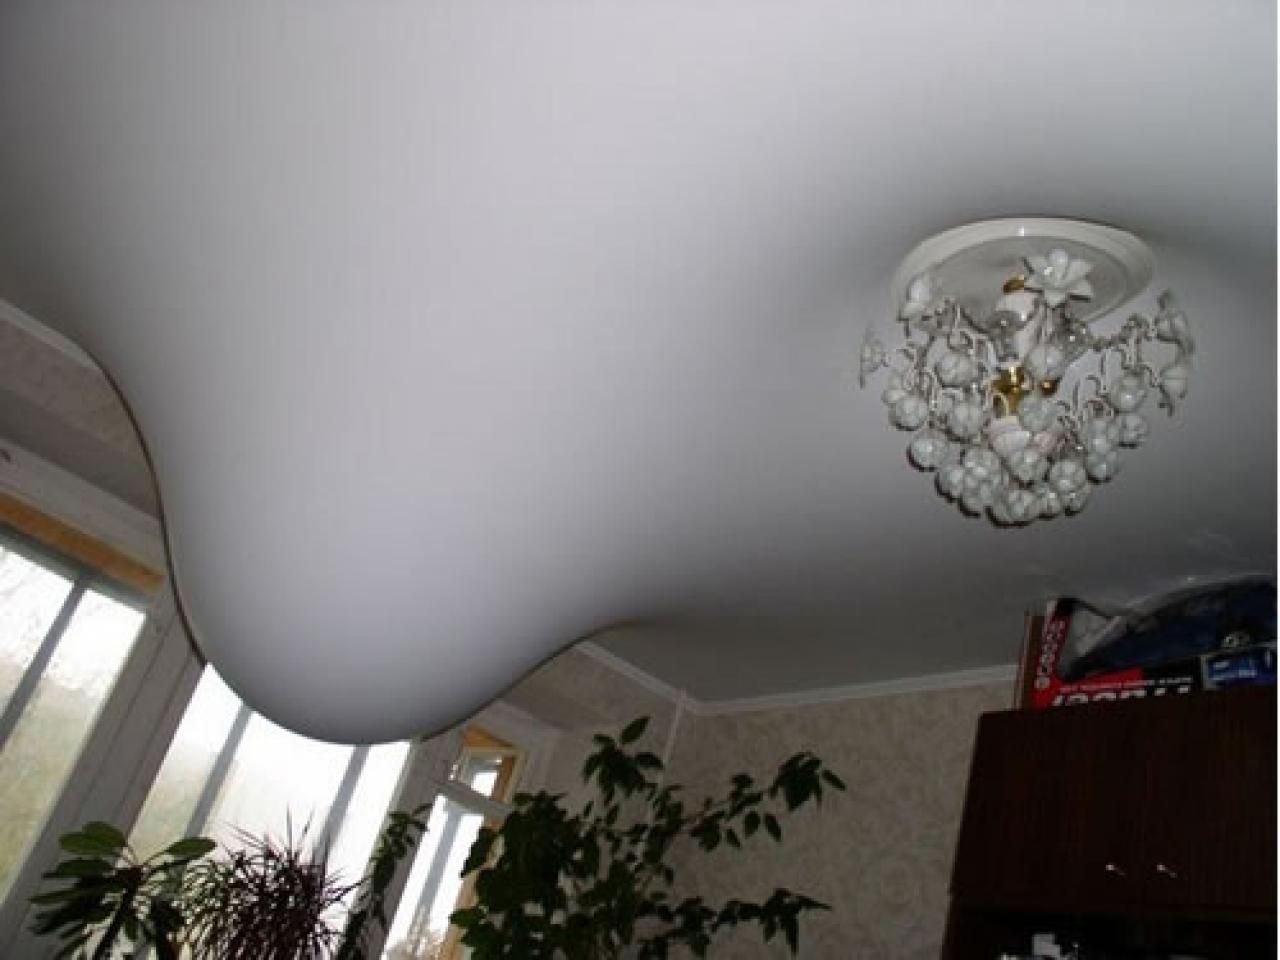 Натяжной потолок способен удерживать большой объем воды